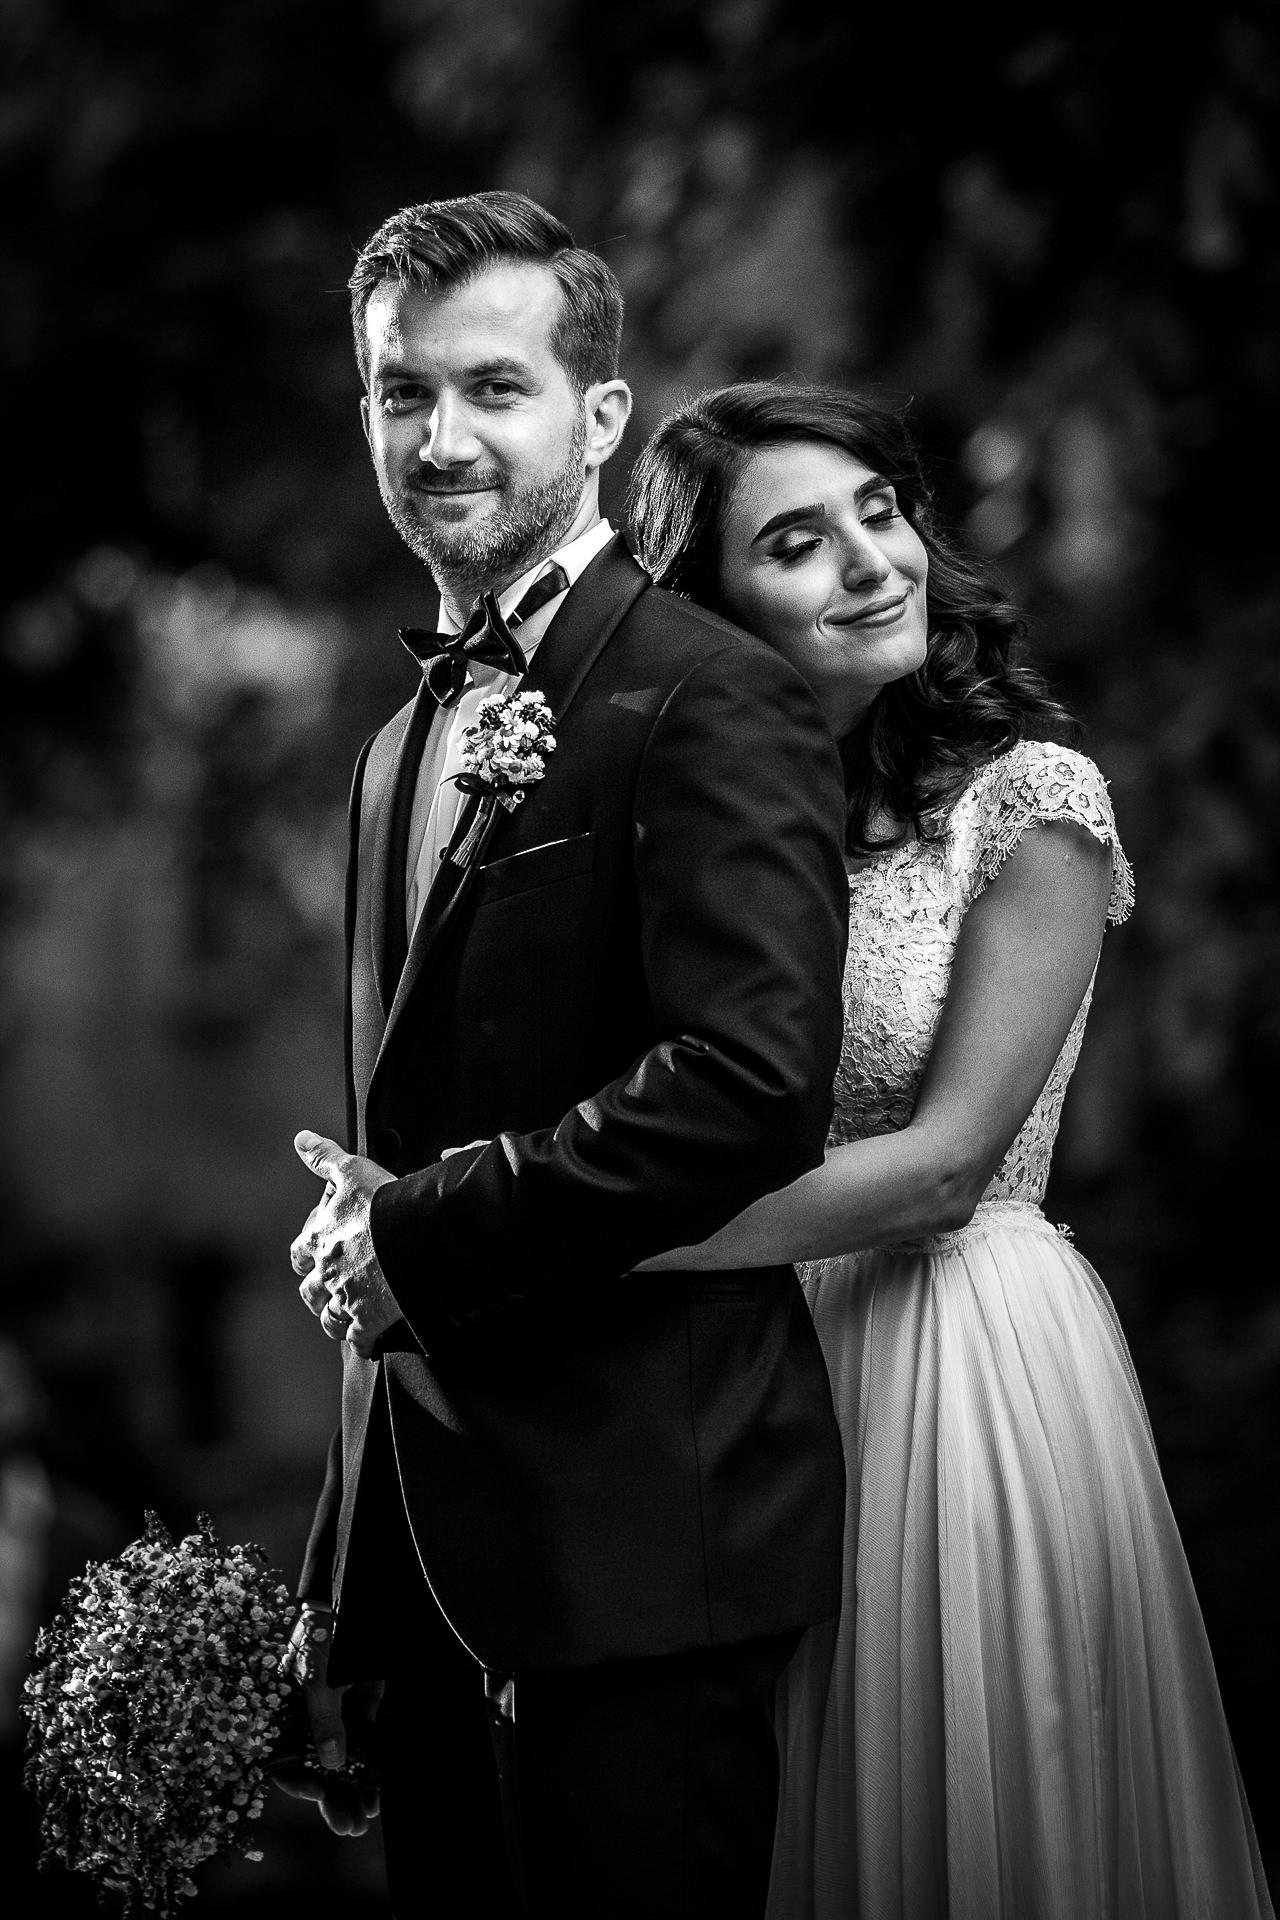 nuntă Salon Elisabeta - Elena şi Costin - Mihai Zaharia Photography - 047